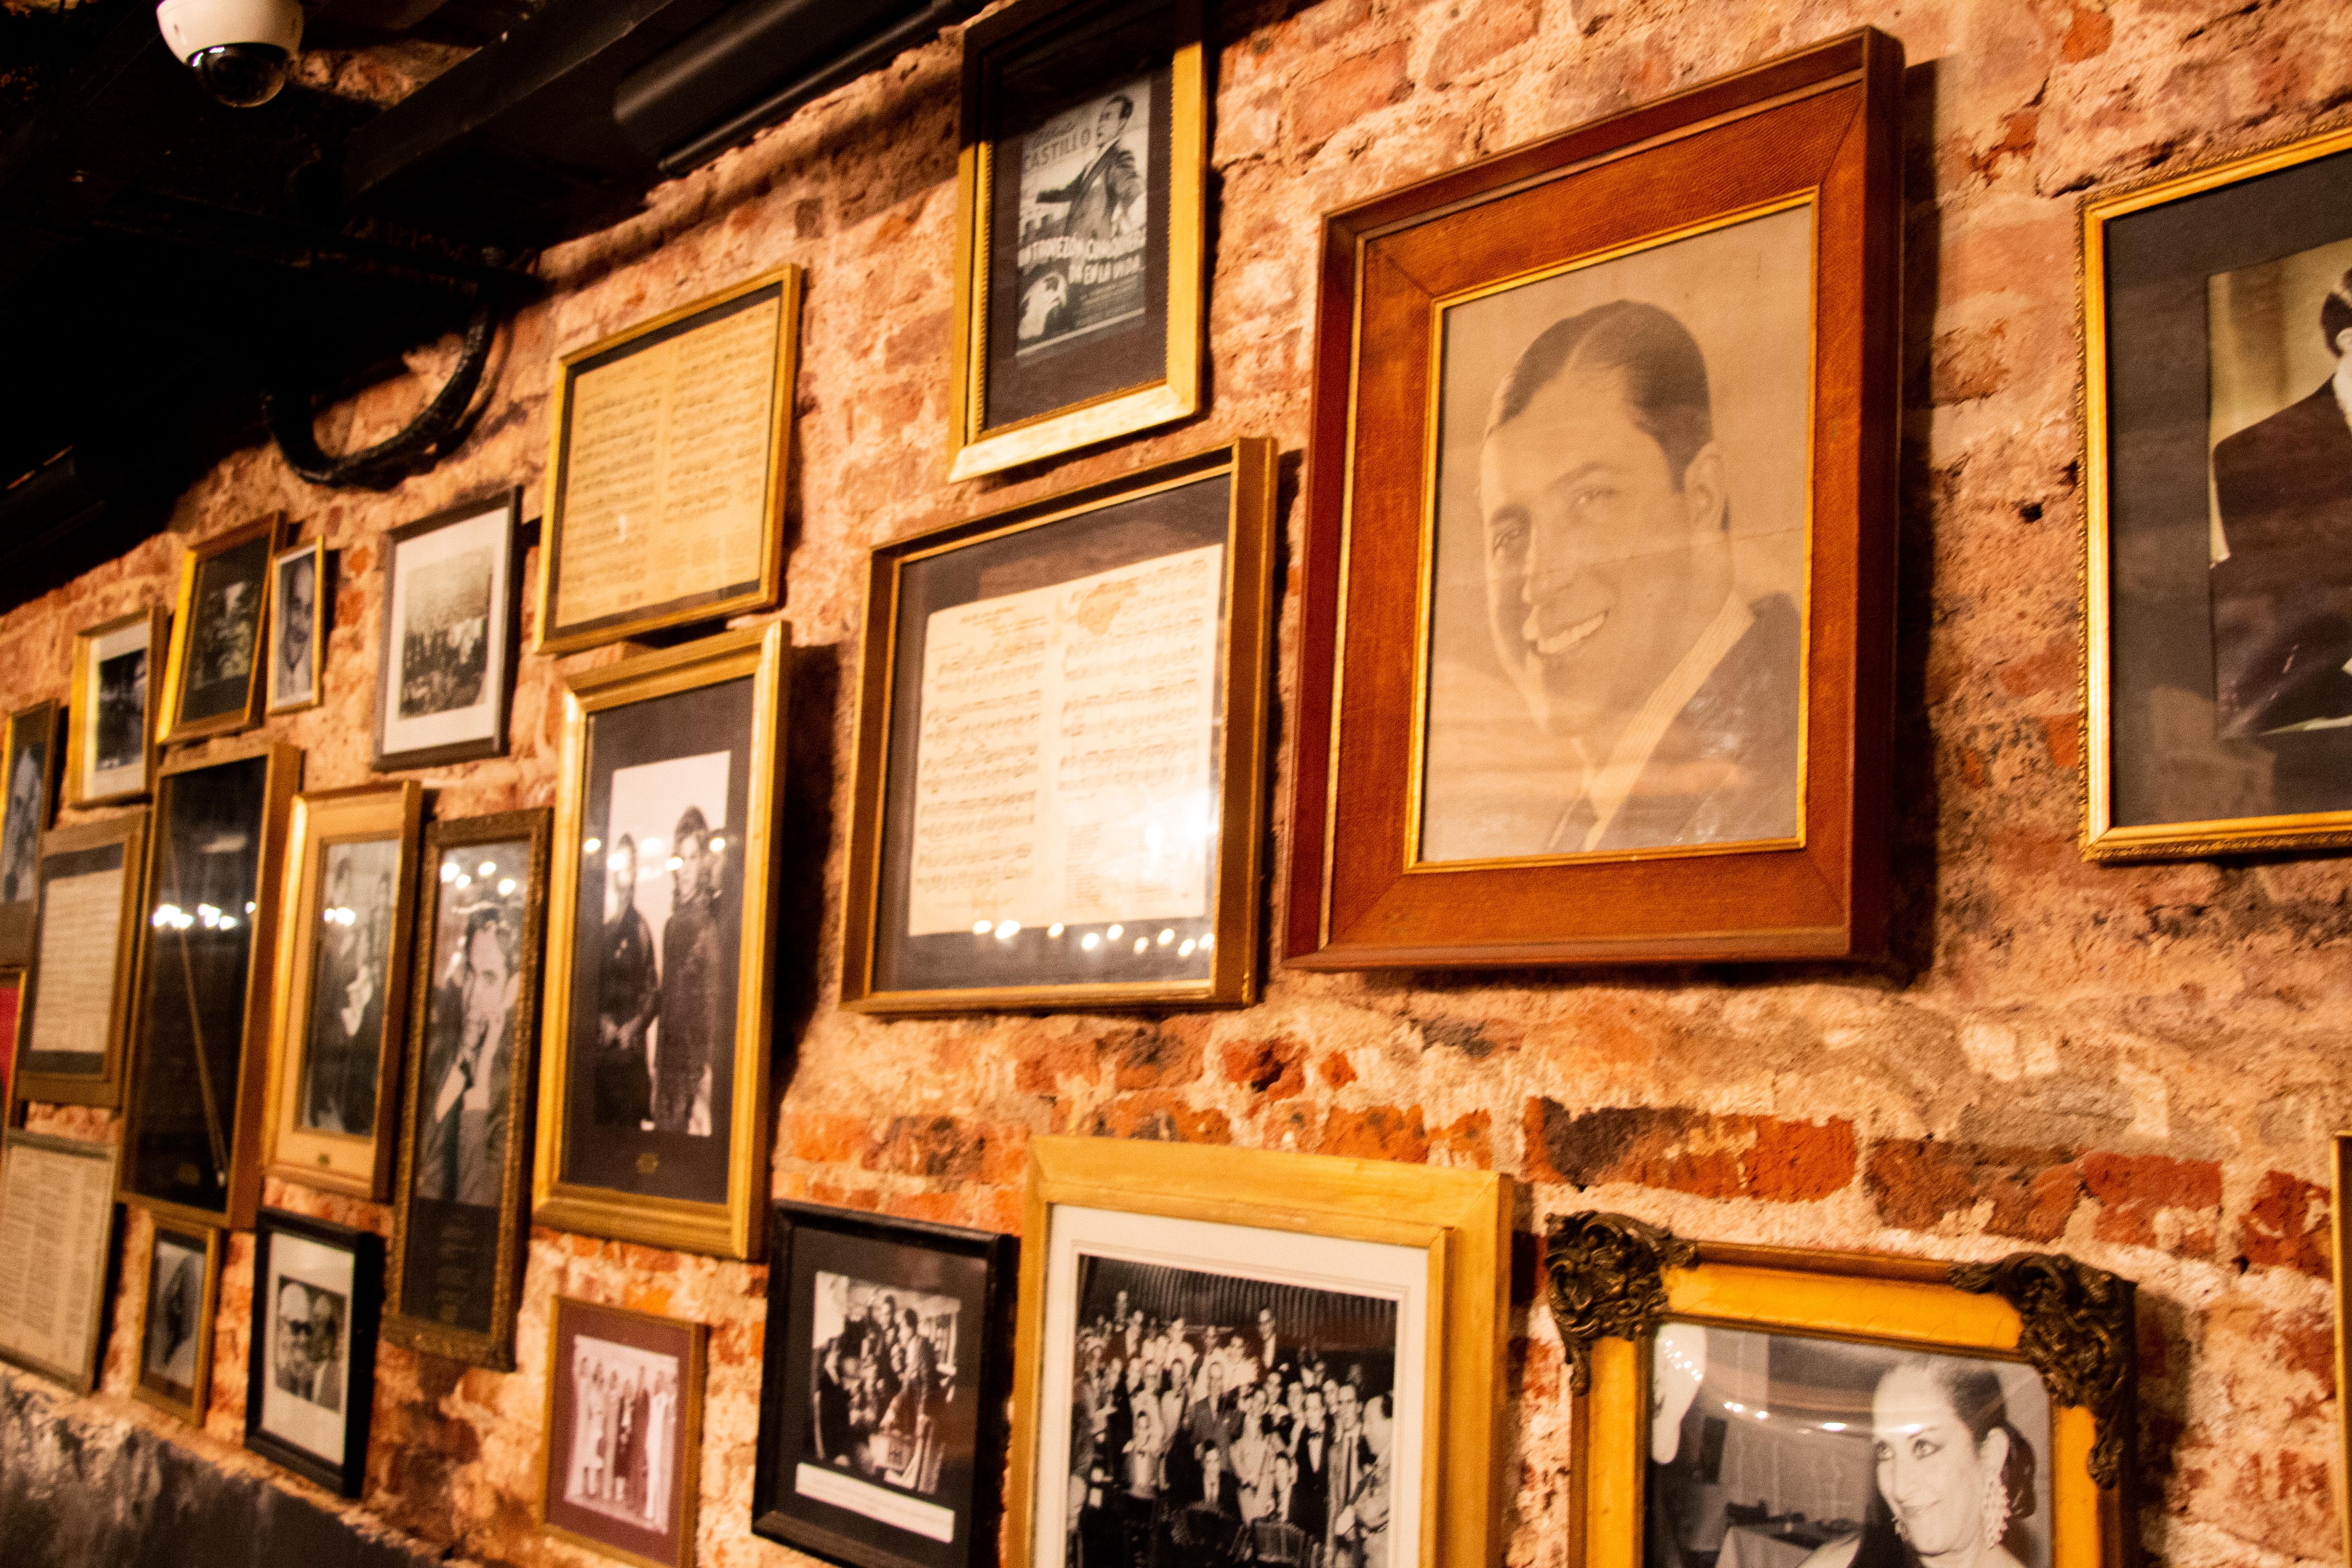 En 1896, en la esquina de Callao y Bartolomé Mitre, el asturiano Manuel Fernández y el gallego Ramiro Castaño inauguraron El Tropezón, restaurante que con el tiempo se constituyó como un lugar emblemático de la ciudad de Buenos Aires. A 123 de su inauguración, fue distinguido como Sitio de Interés Cultural